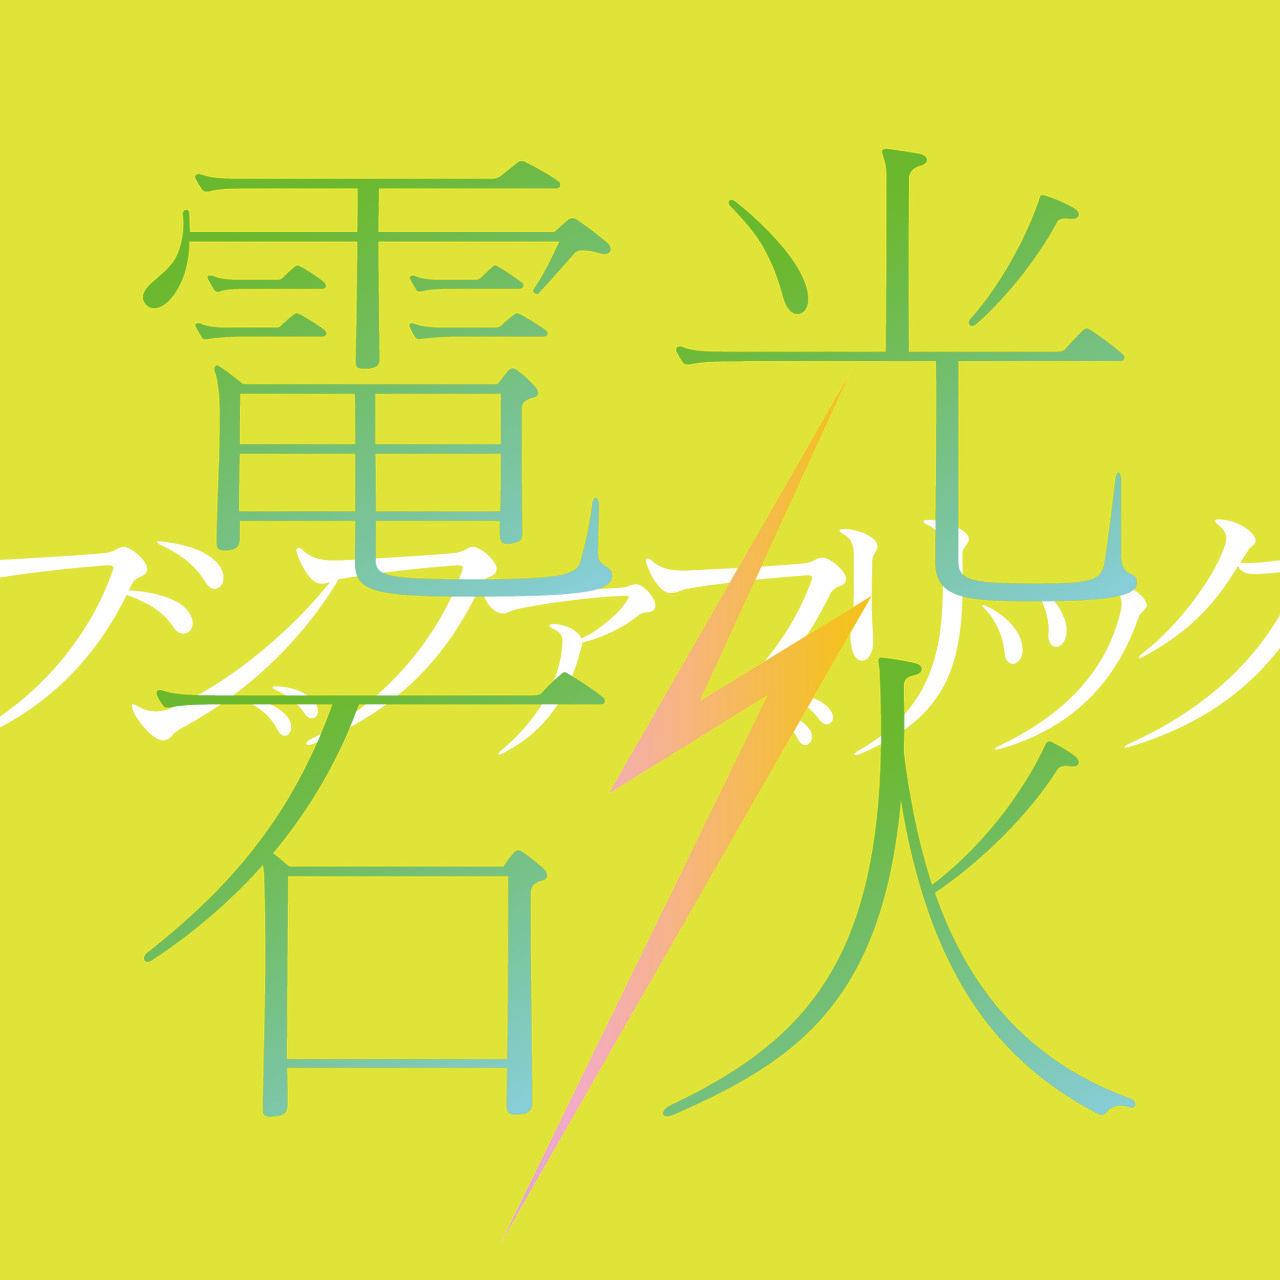 フジファブリック 「 電光石火」CD Jacket